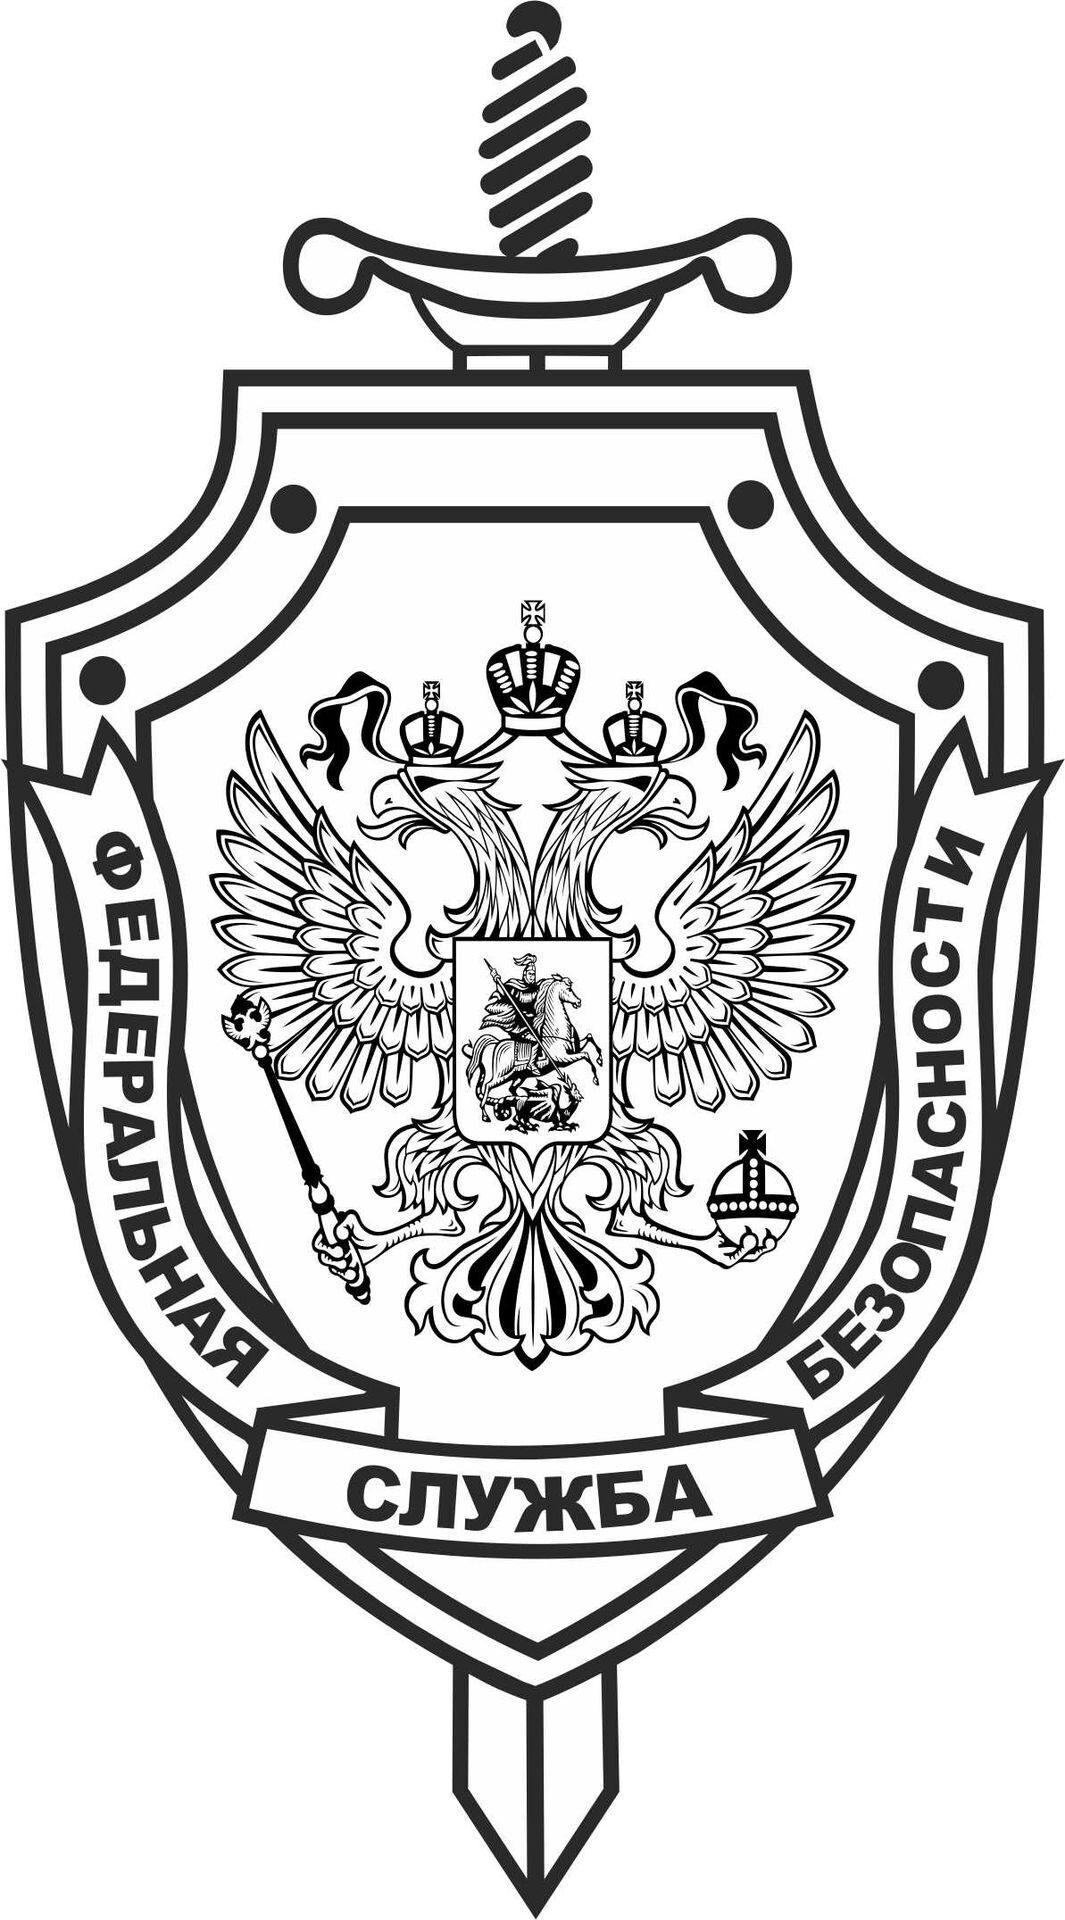 РАЗРАБОТКА ИНТЕРНЕТ МАГАЗИНА ТАШКЕНТ